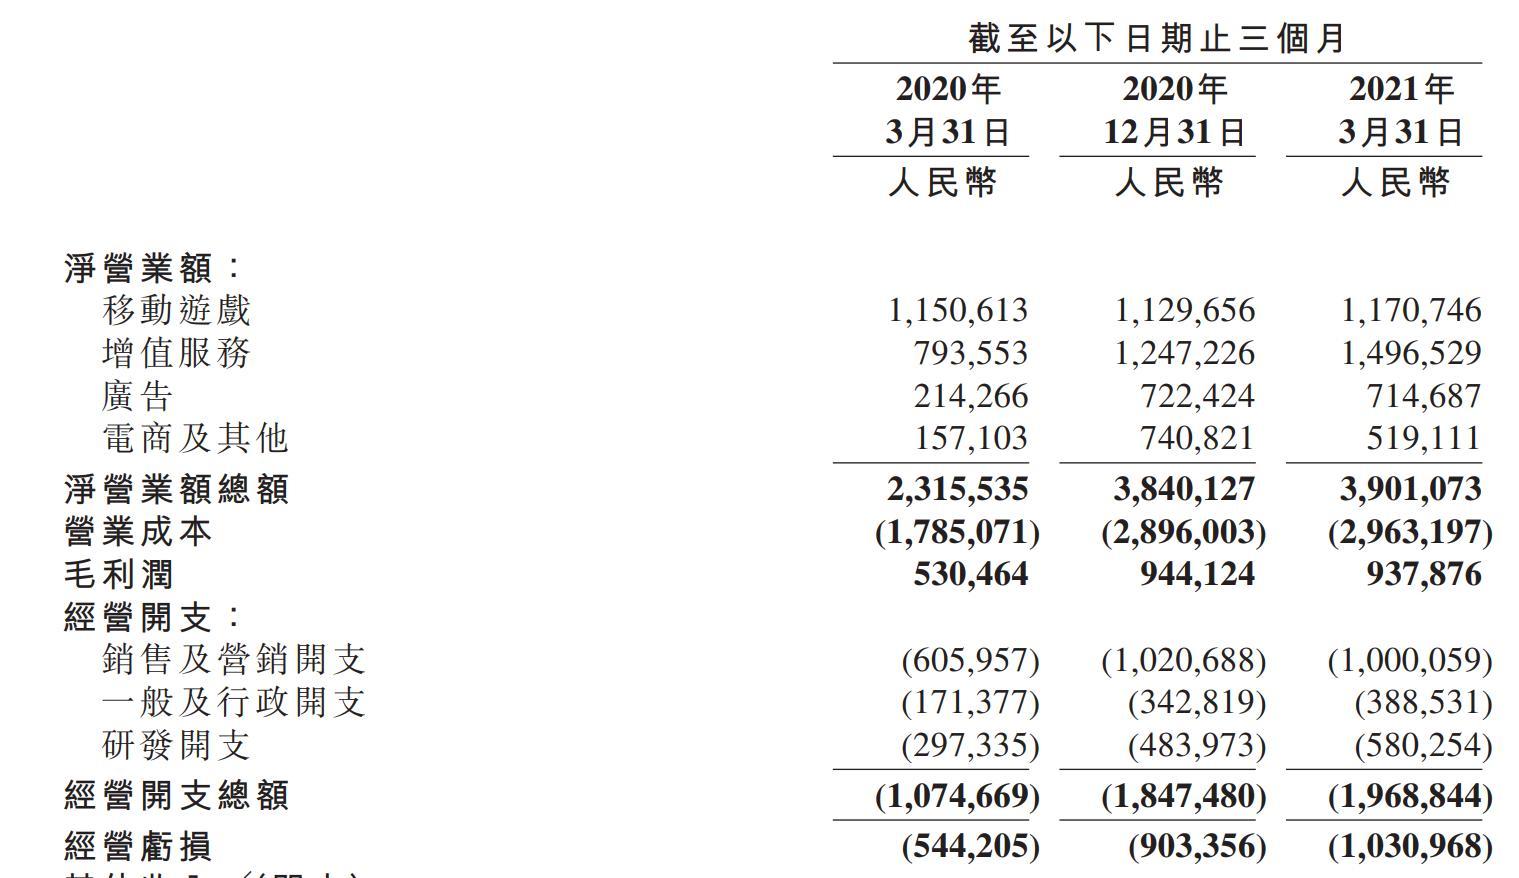 2021Q1净亏损同比扩大68.78% B站破圈之路修远